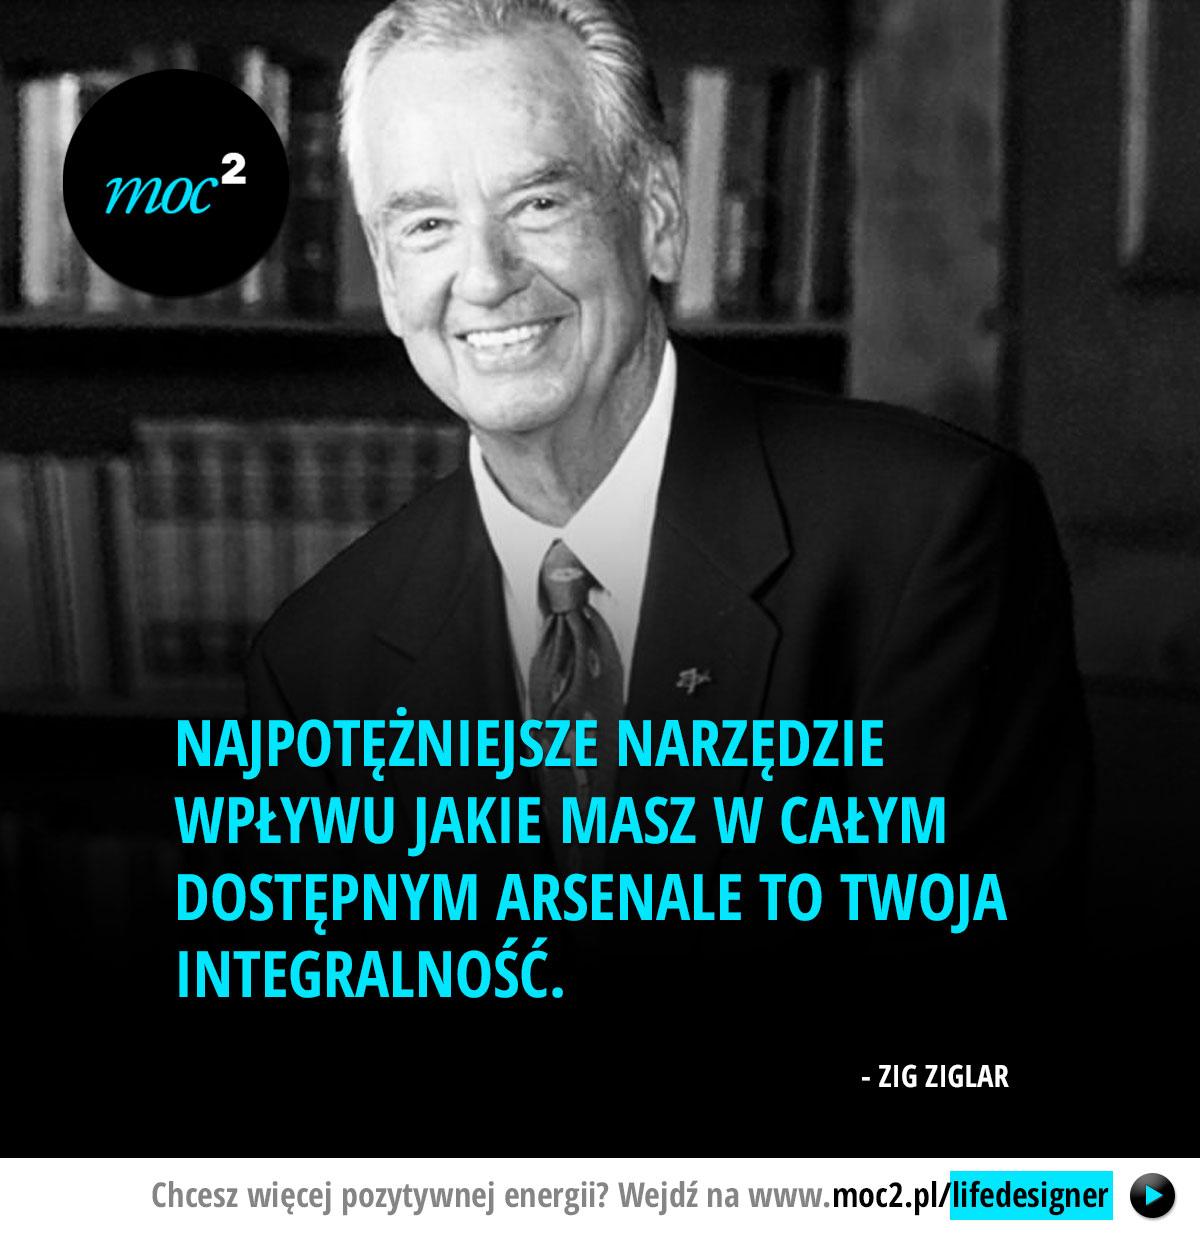 Najpotężniejsze narzędzie wpływu jakie masz w całym dostępnym arsenale to Twoja integralność. - Zig Ziglar